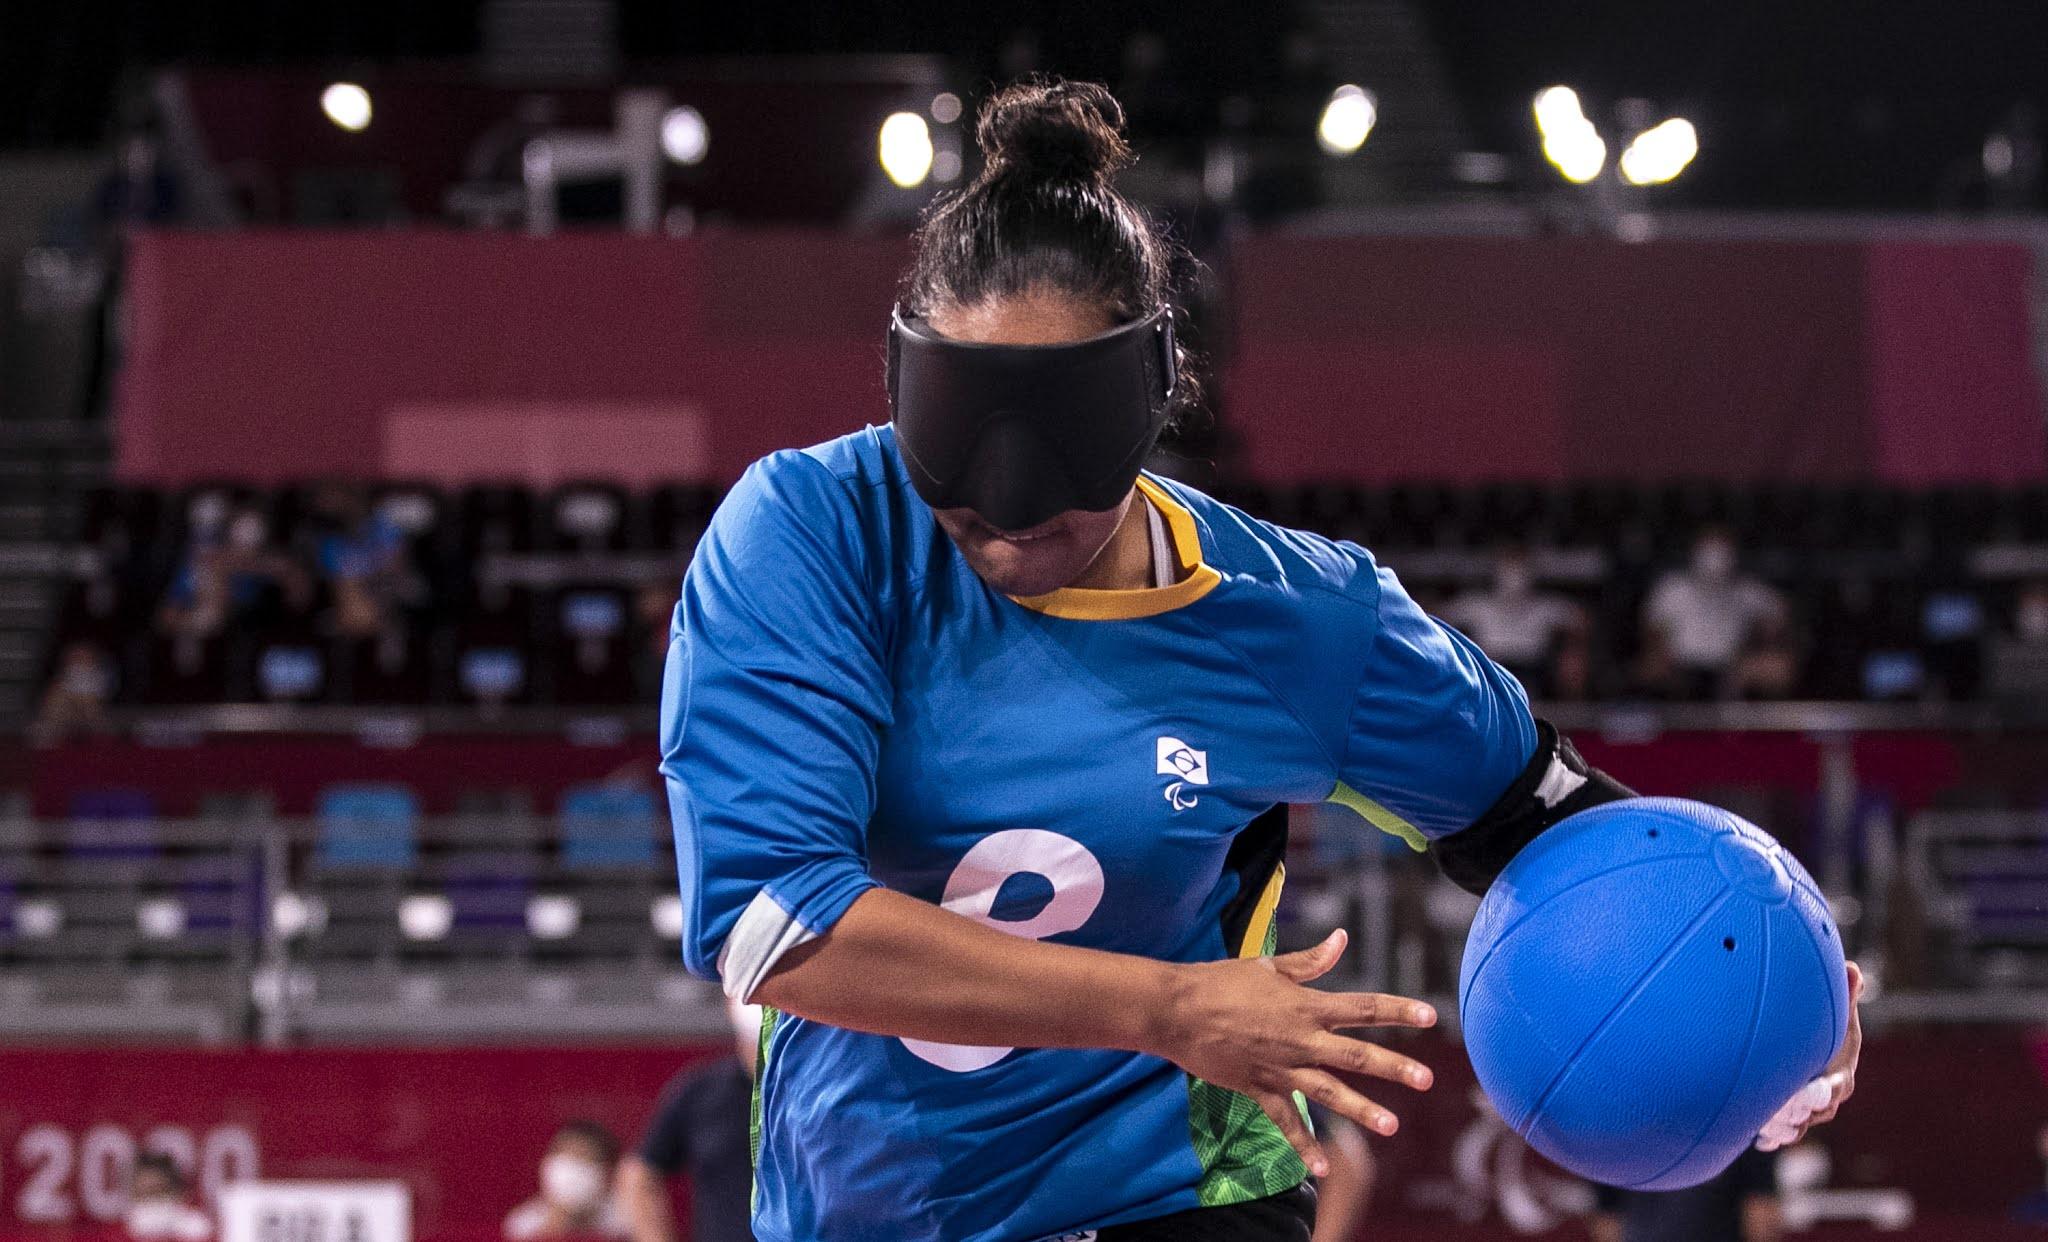 A jogadora Jéssica Gomes, que é morena, está vestida de azul e com o número 8 no centro da camisa está de pé com a bola do jogo, também azul, na sua mão esquerda. Ela usa uma venda preta na cabeça.